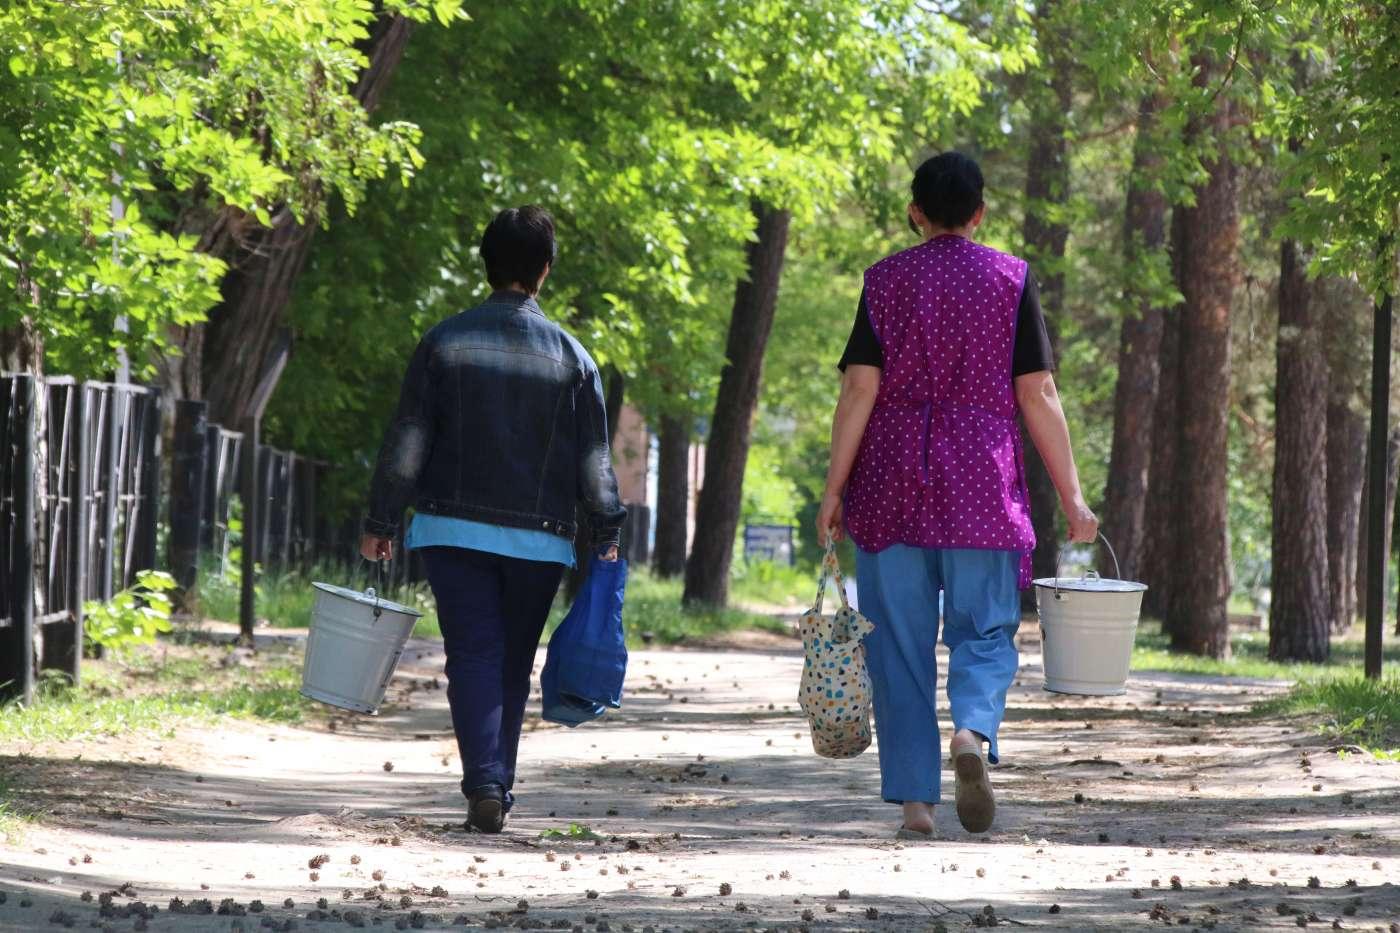 Котовск без дорог и парка стал одним из самых благоустроенных городов региона